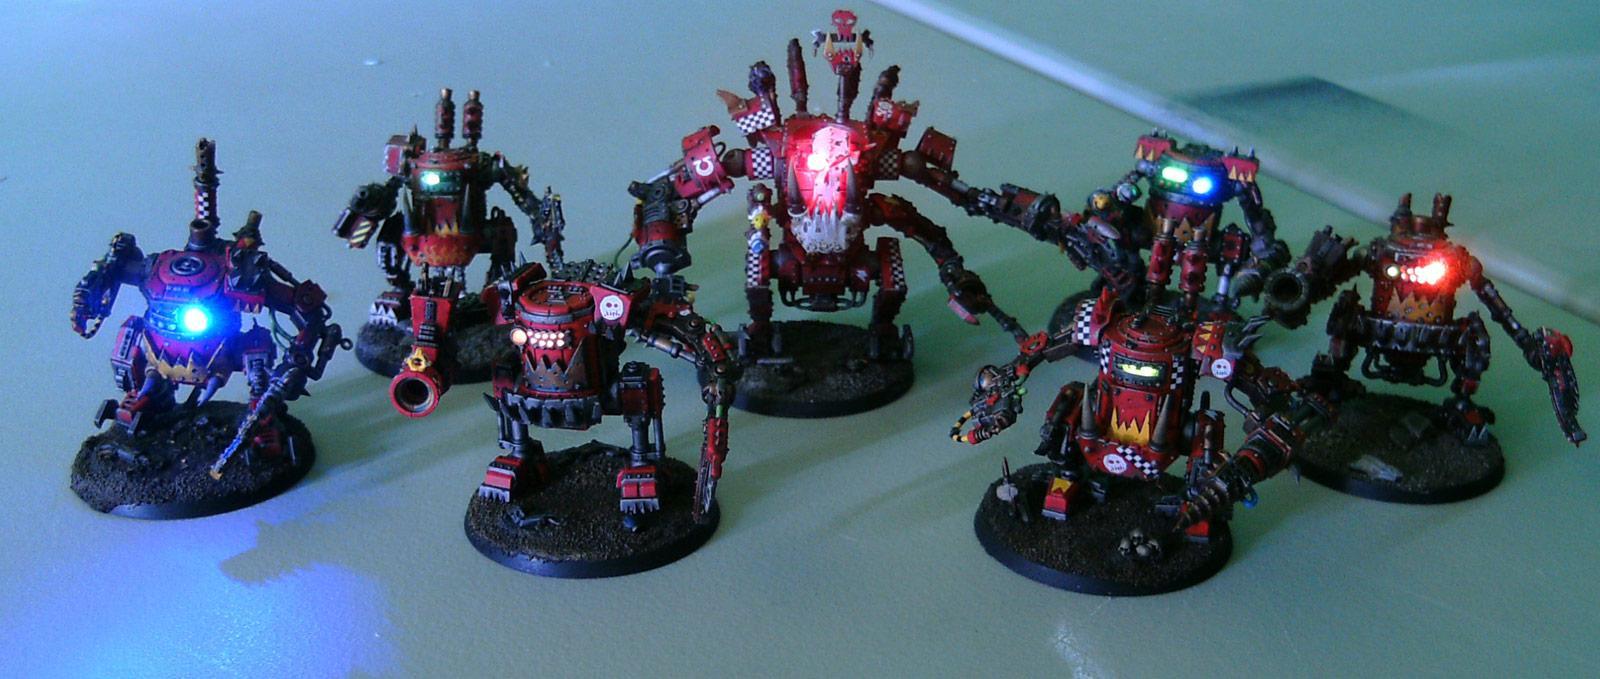 Killa Kans, LED, Lights, Orks, Ouze, Walker, Warhammer 40,000